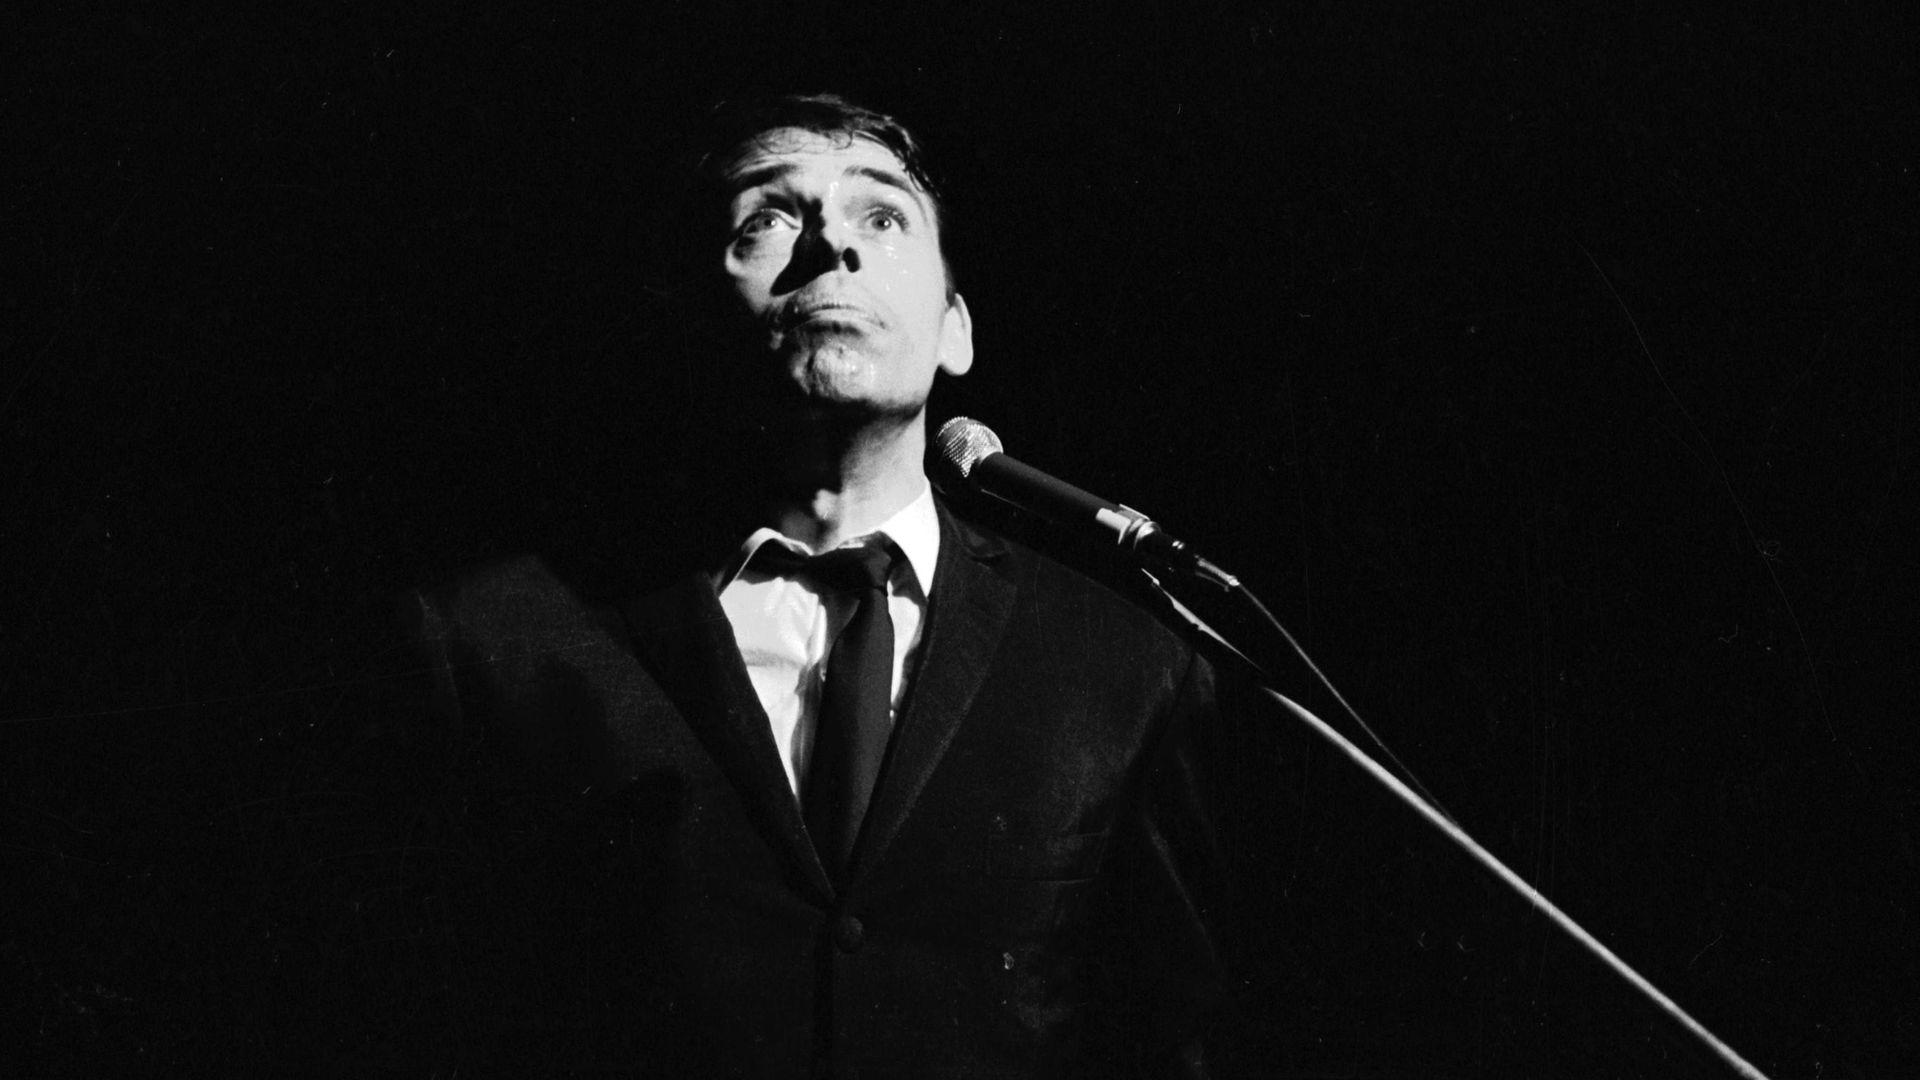 Jacques Brel (1929-1978), Belgian singer-songwriter - Credit: Roger Viollet via Getty Images/Roger Viollet via Getty Images